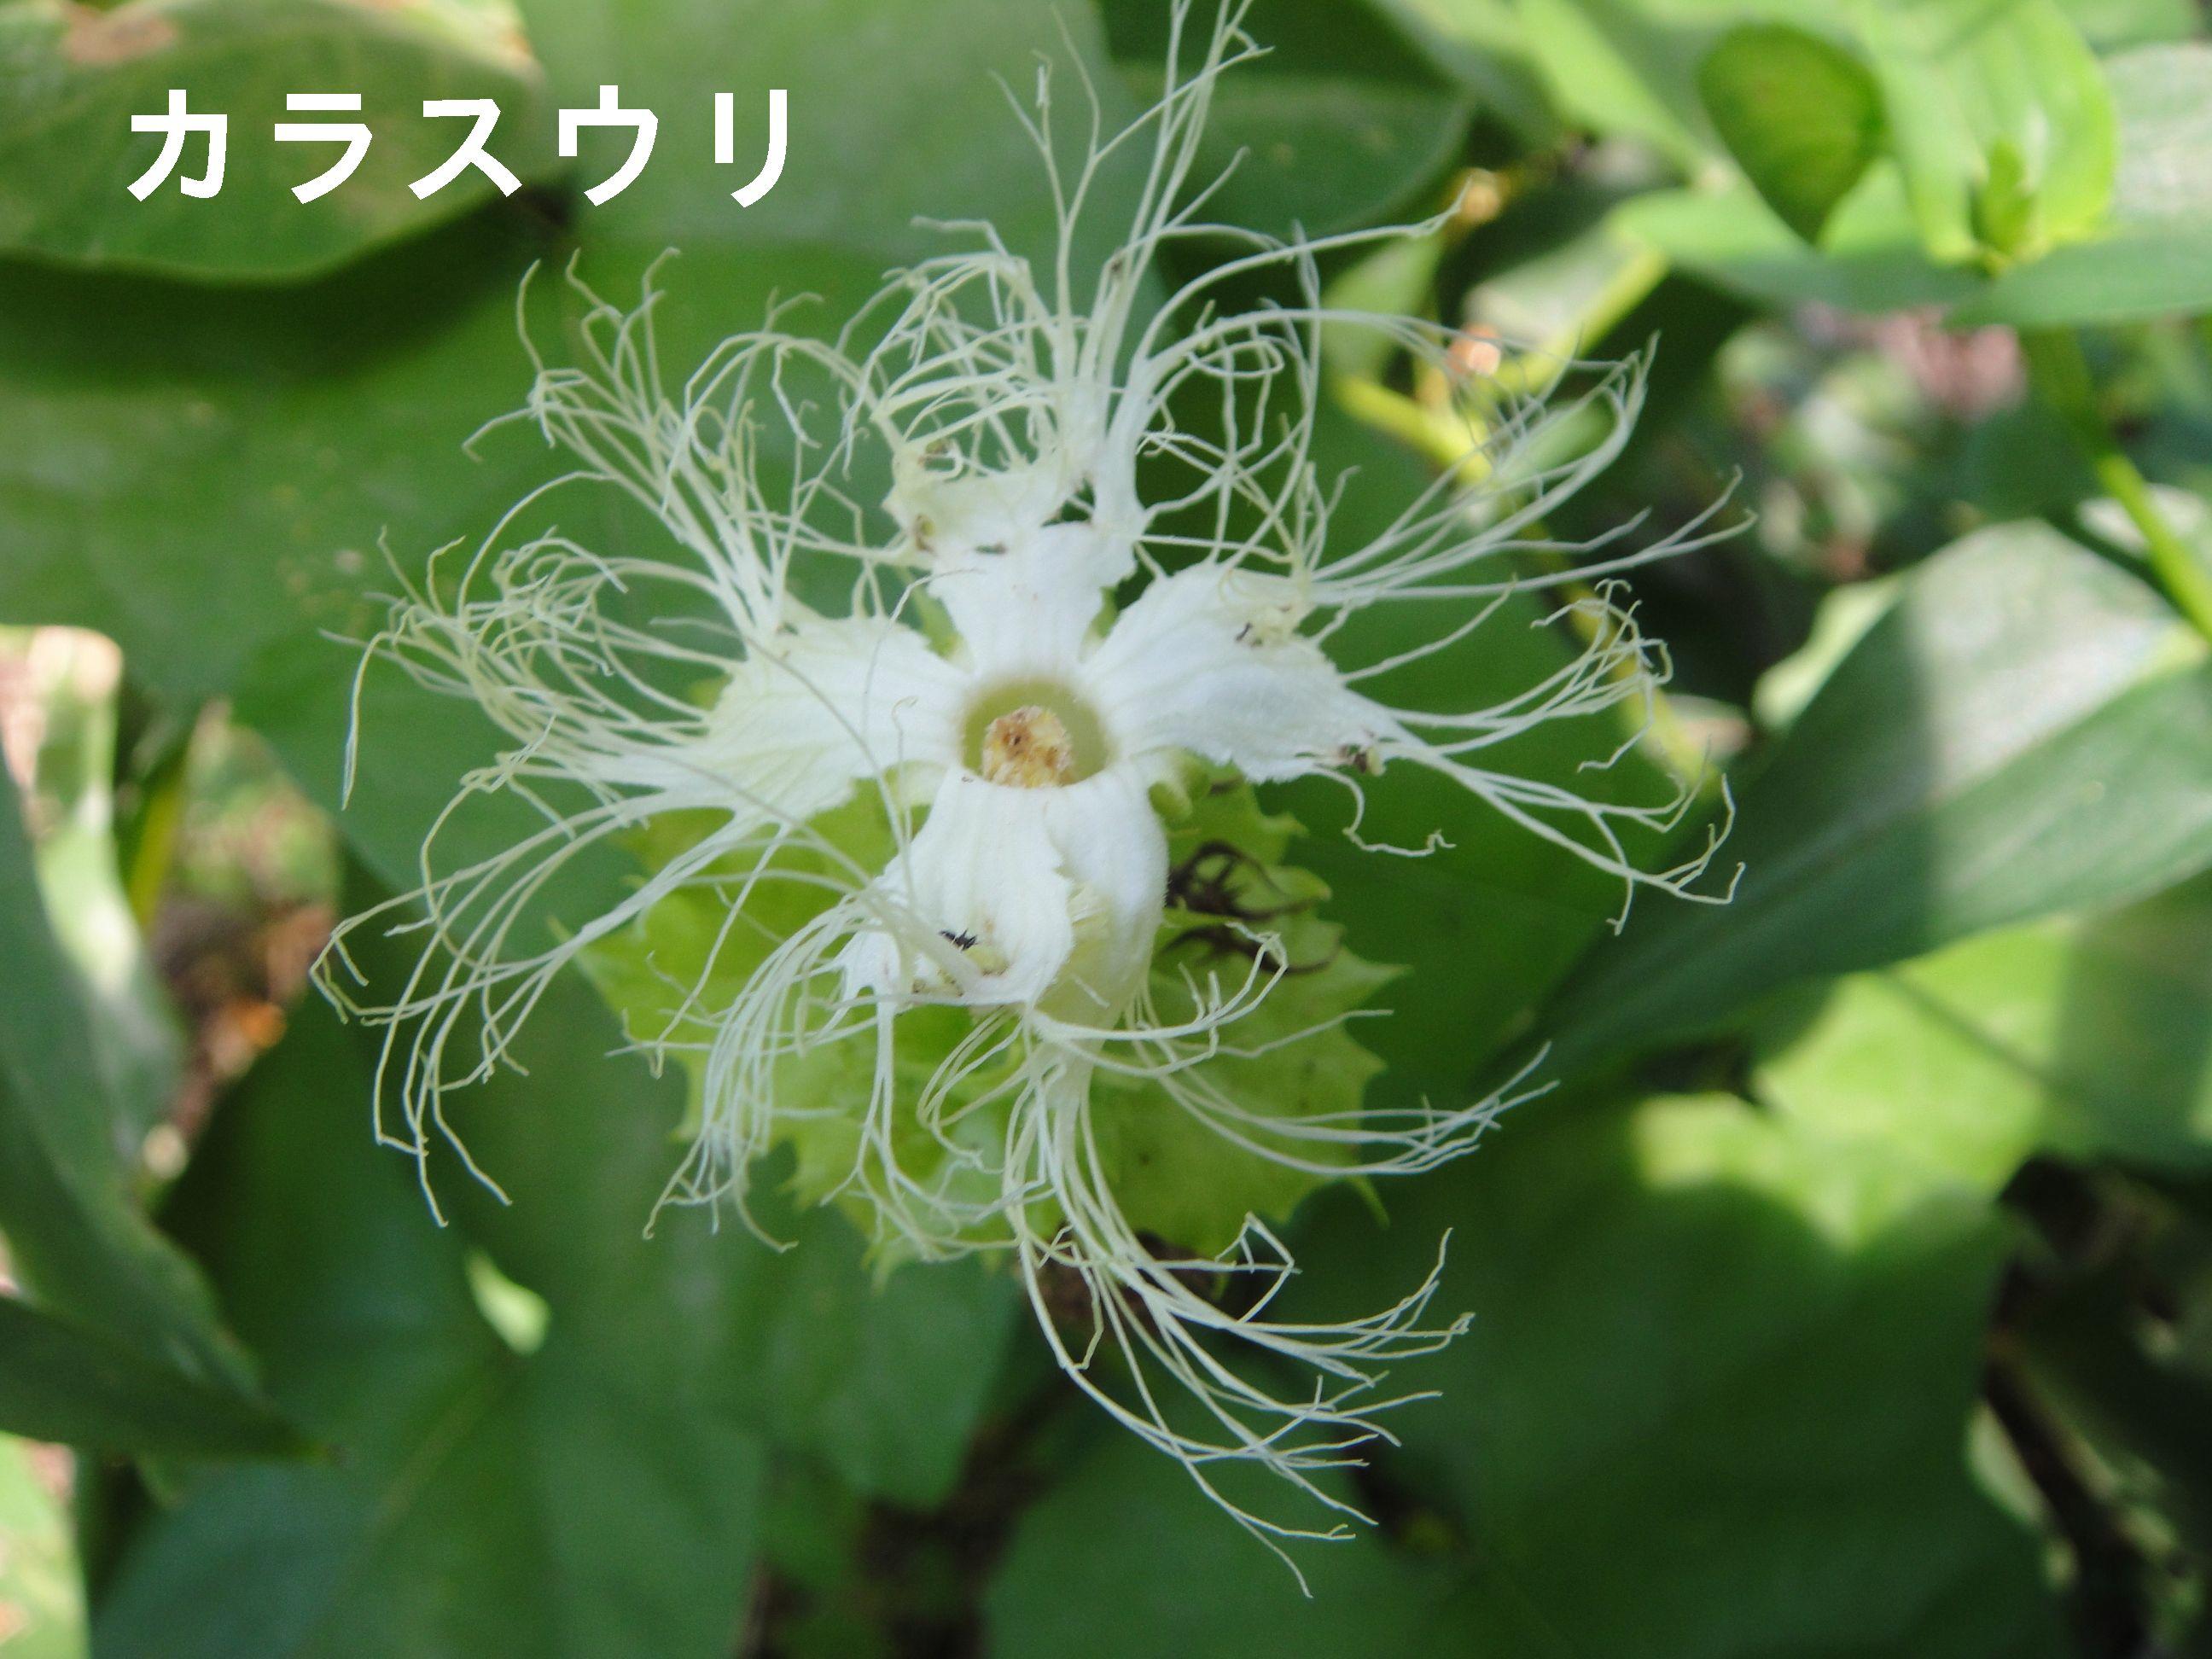 昼間咲いていたカラスウリの花!! in うみべの森H23年9月度植物調査_c0108460_1574458.jpg